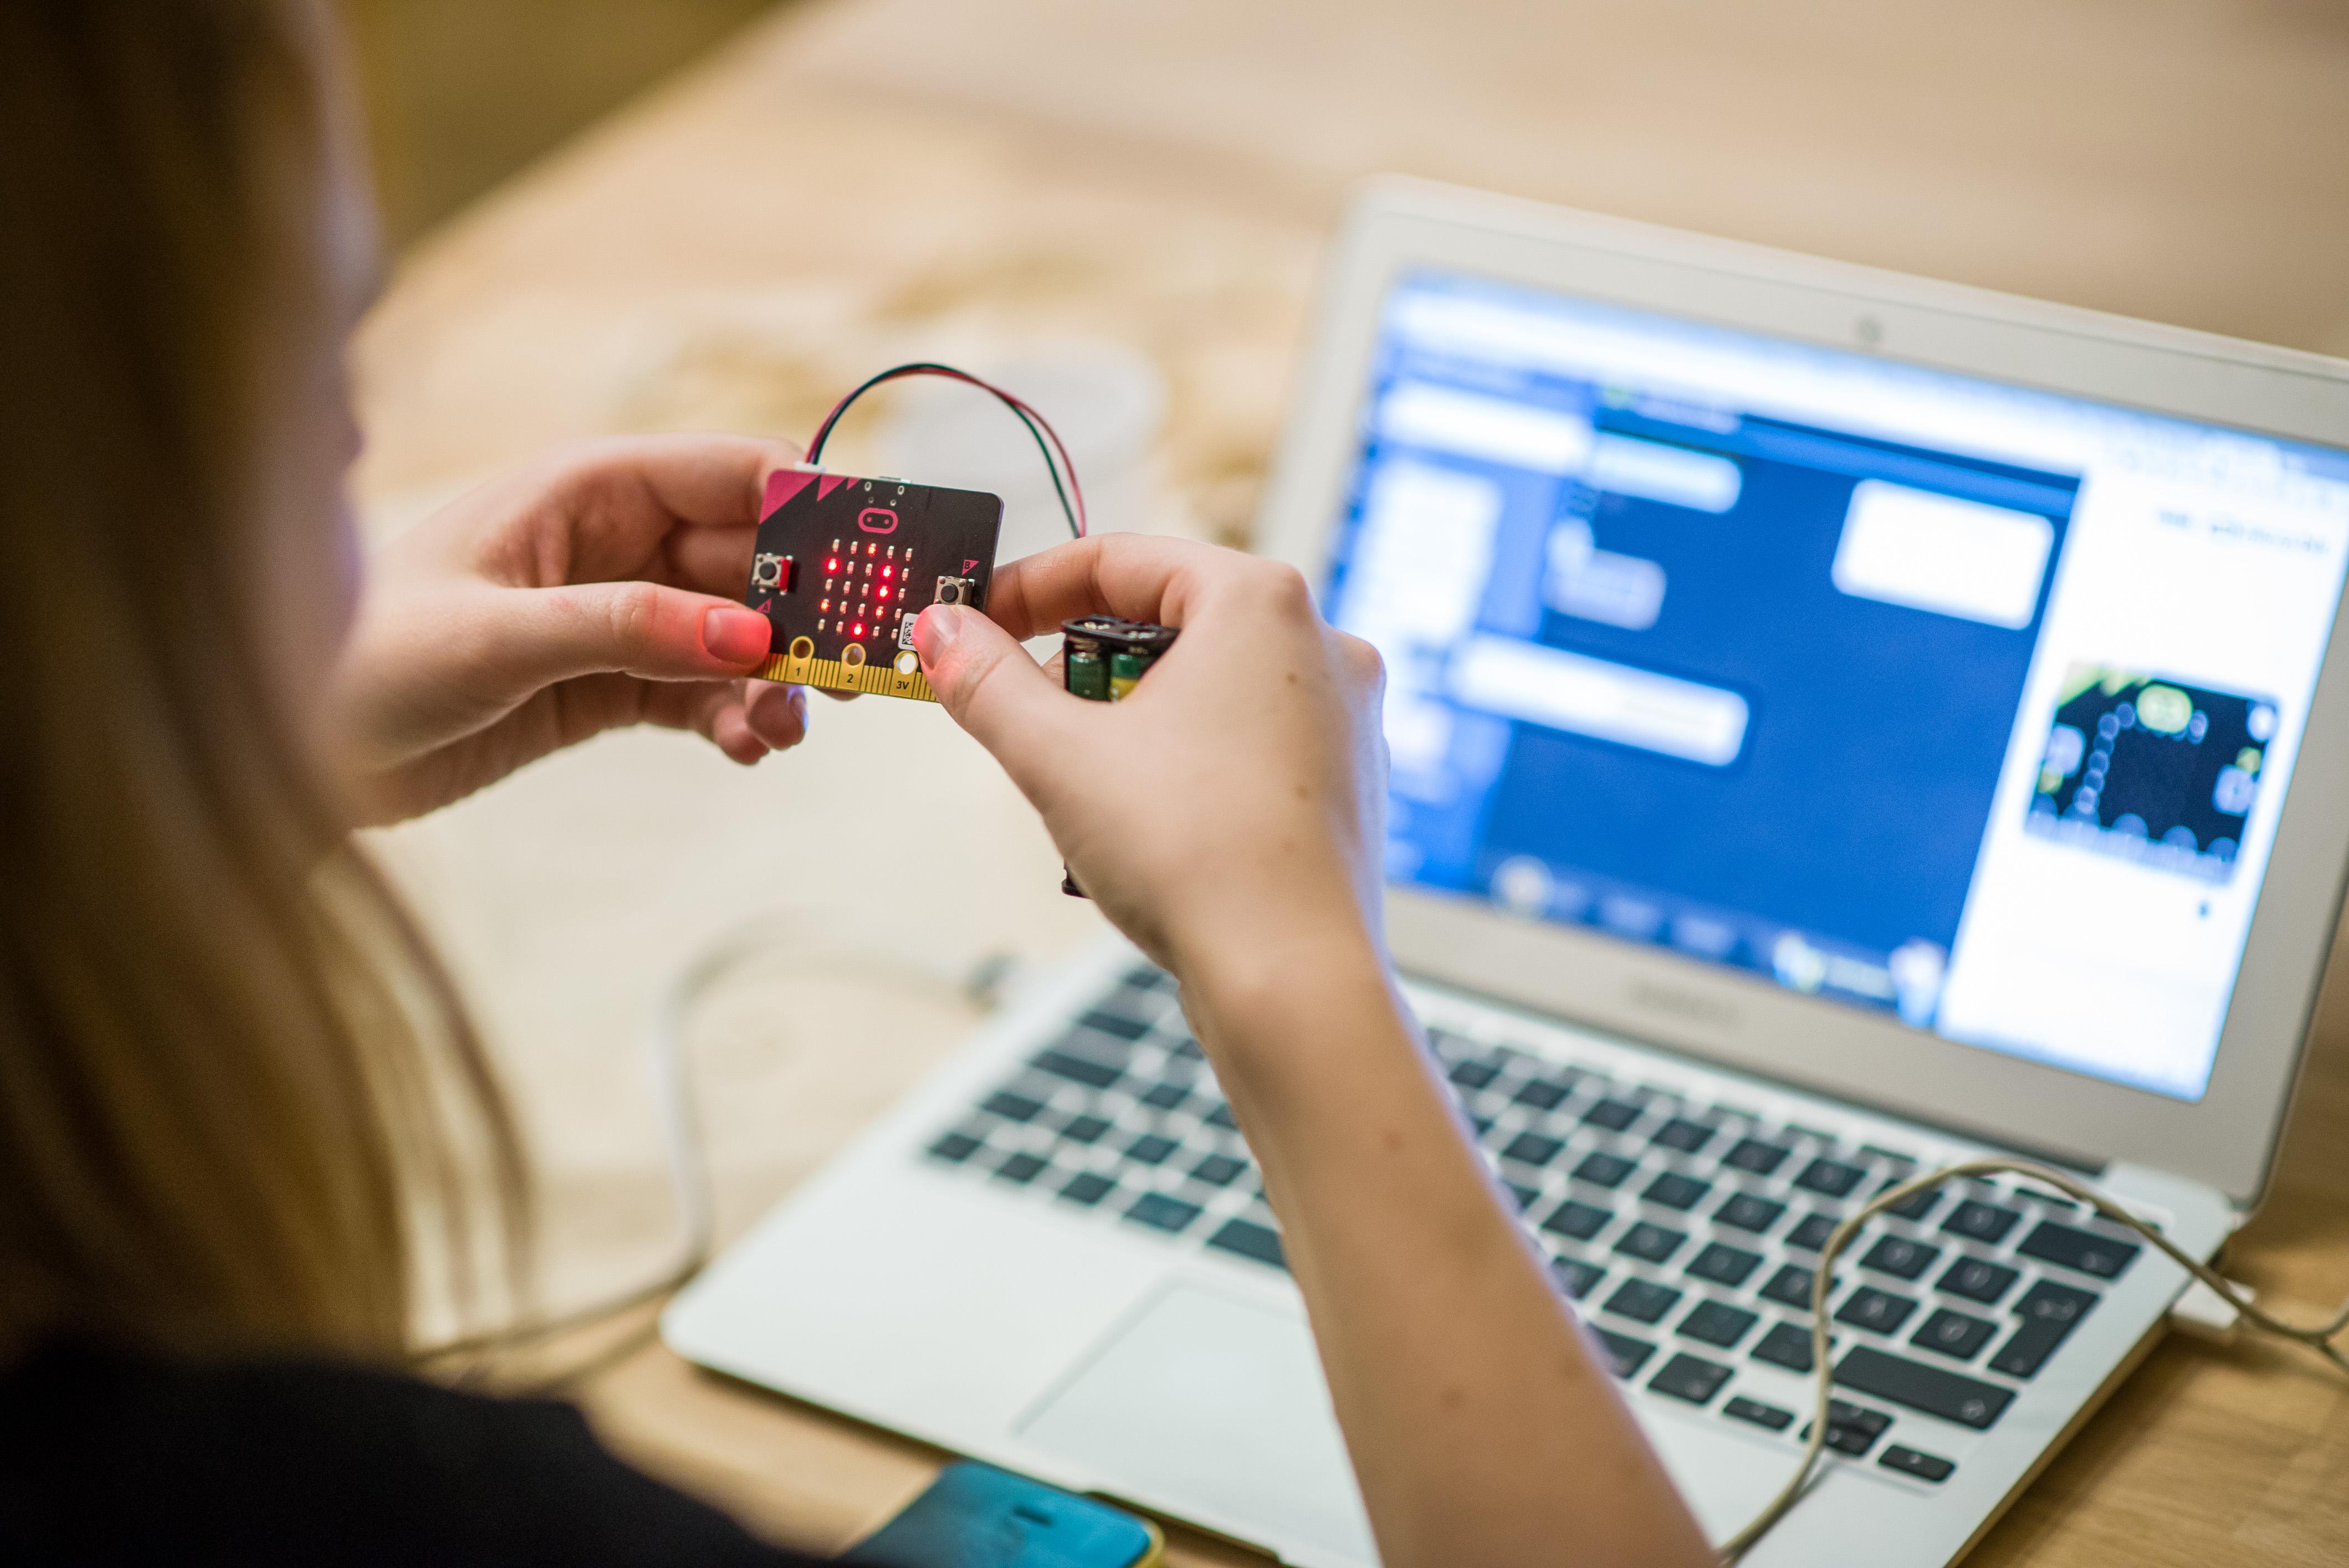 Szoftverfejlesztőnek de hardverprogramozónak is tanulhatnak a hallgatók (Fotó: Green Fox Academy)